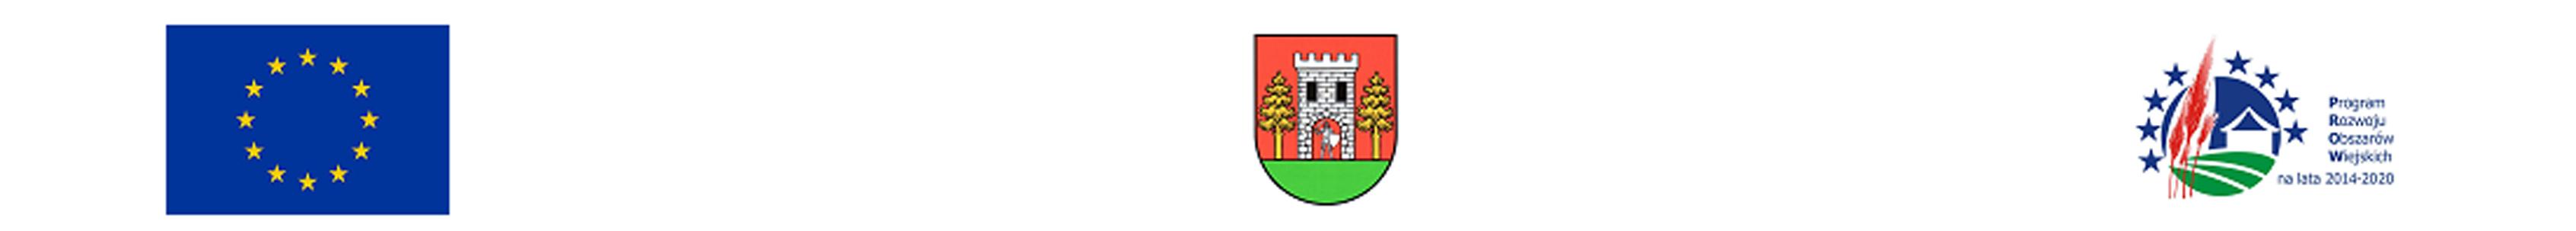 https://m.powiatszczycienski.pl/2017/12/orig/naglowek-15354.jpg